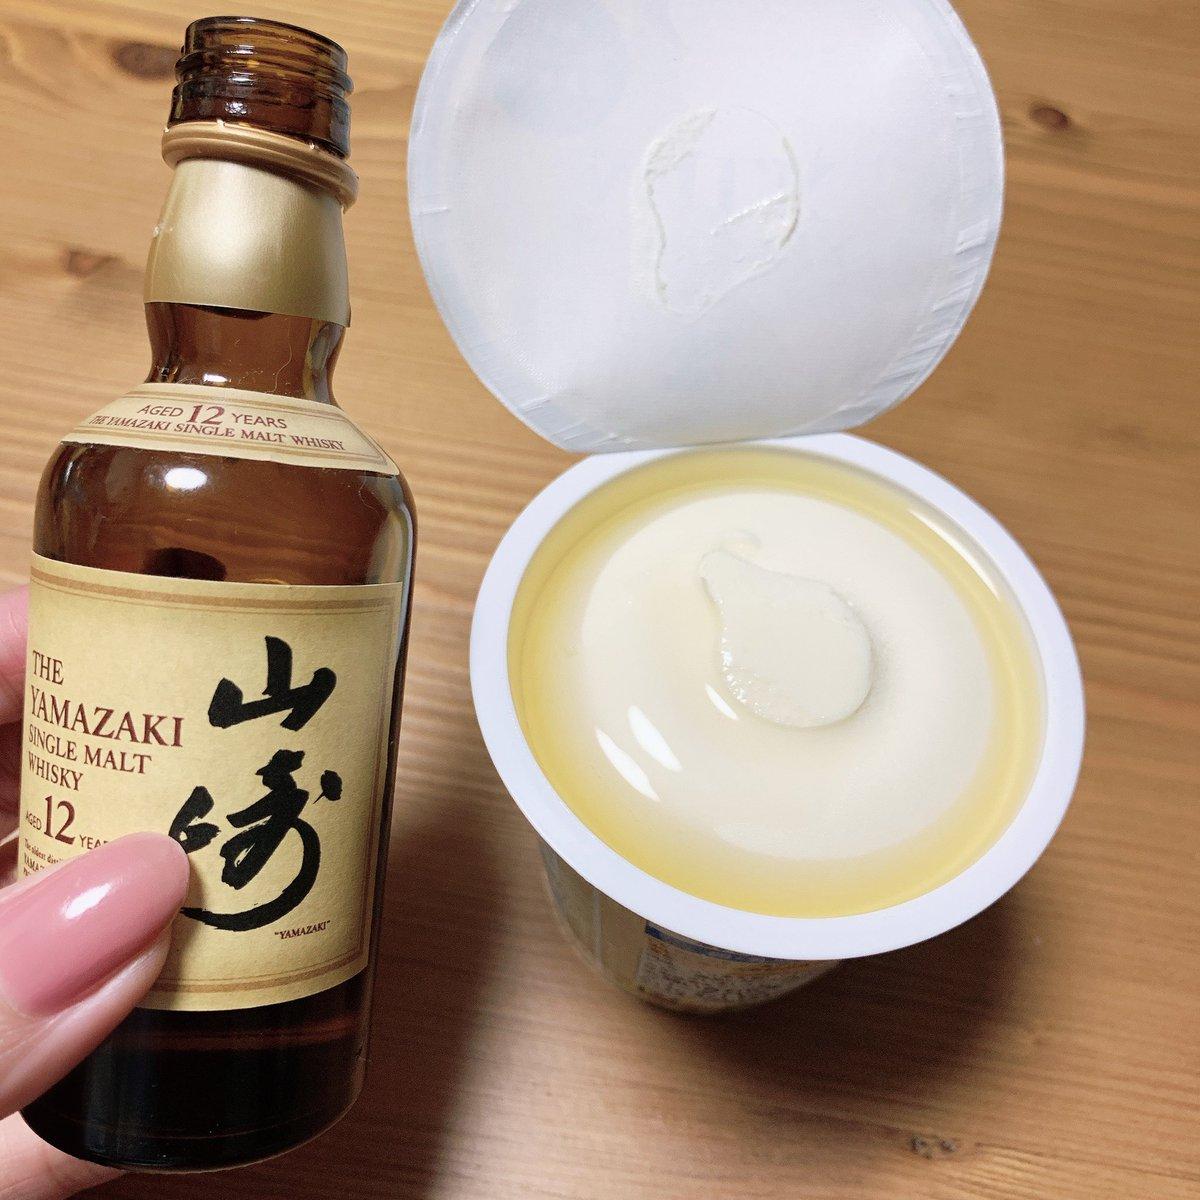 普段アイスもお酒もあまり必要としない私なのですが、バニラアイスに山崎12年をかけてうっとり食べるのをたまにしたくなるのです。ミニチュアの山崎をこの為に常備している。雪見だいふくやハーゲンダッツ、本日はセブンの金のミルクアイス。それを1日の終わり、お風呂上がりにするのがとても良い。